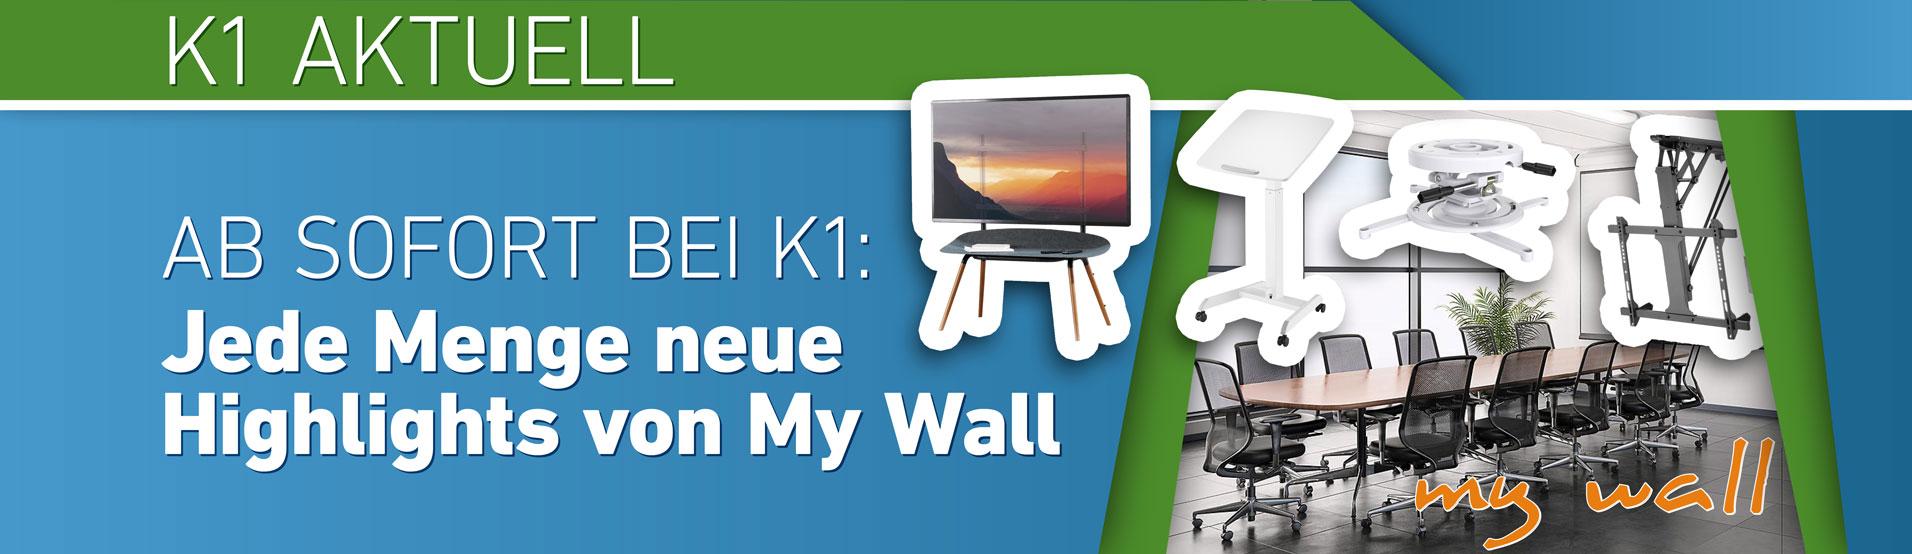 K1 Aktuell – Jede Menge neue Highlights von My Wall